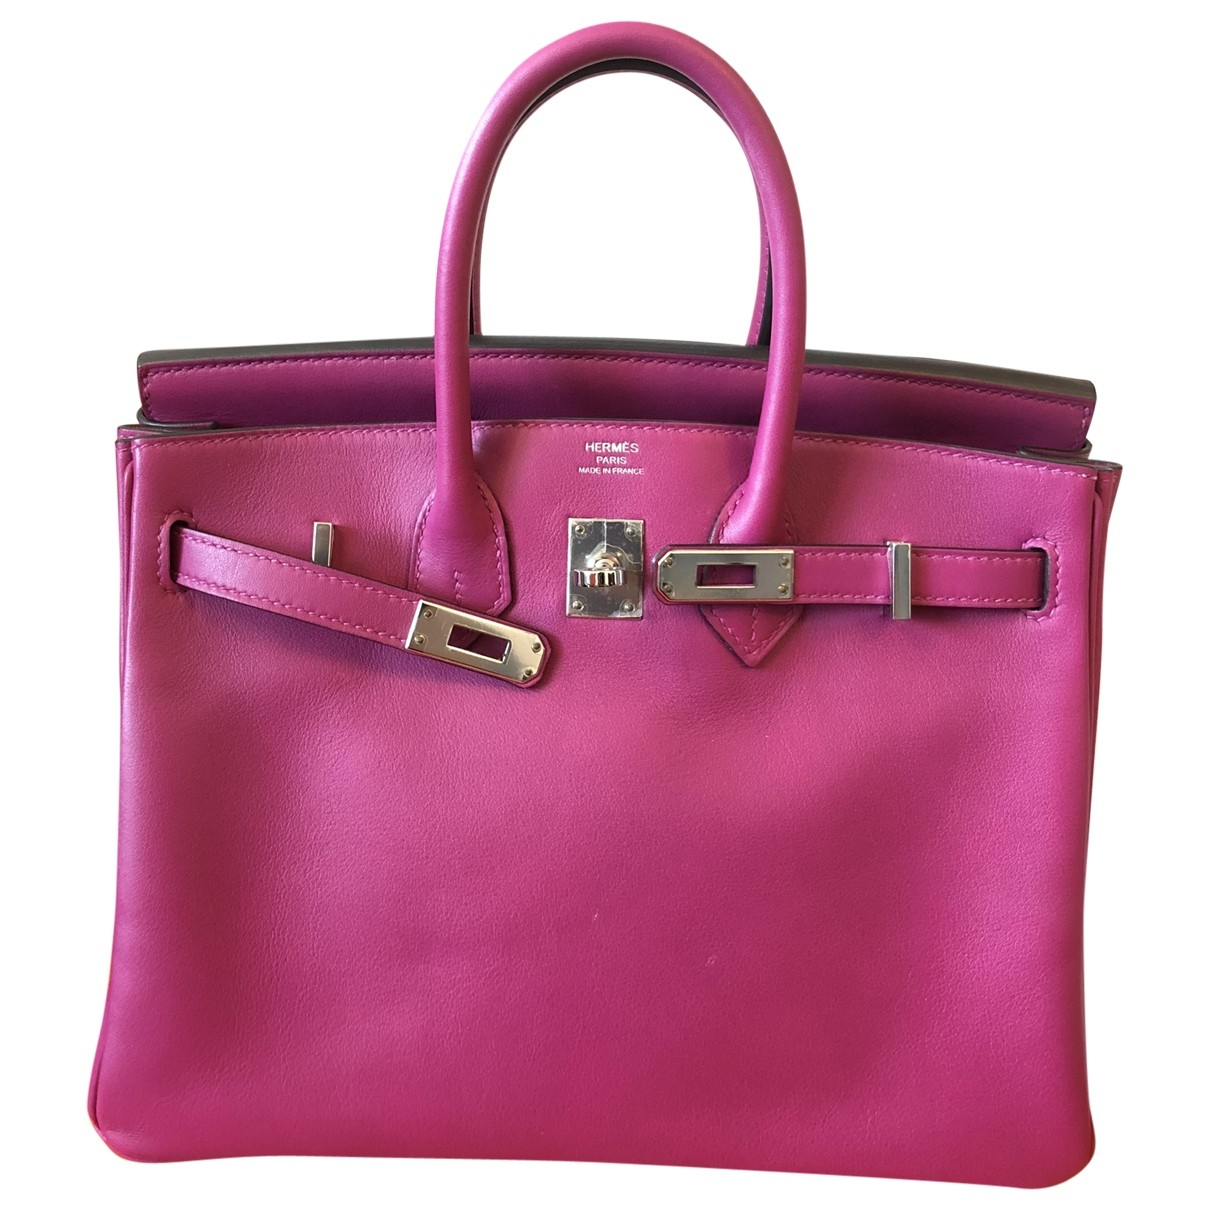 Hermes Birkin 25 Handtasche in  Rosa Leder